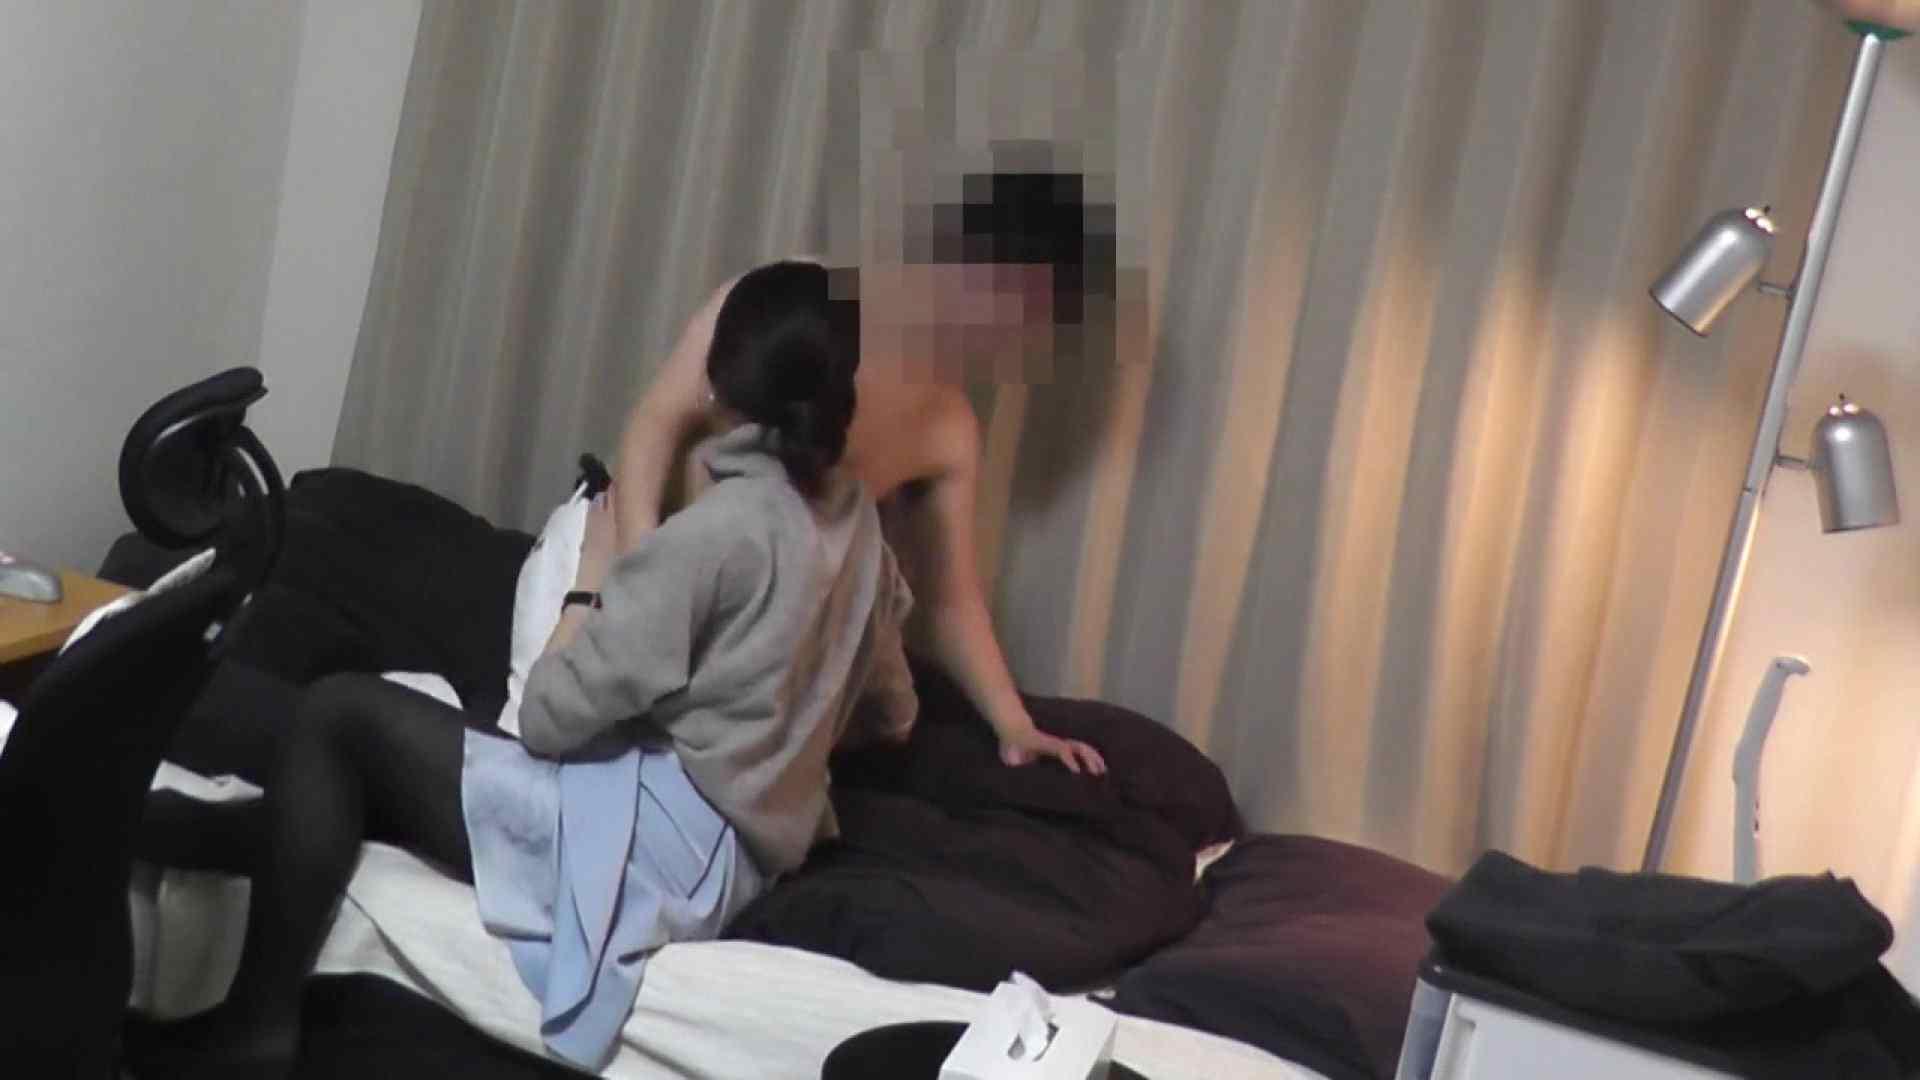 美女だらけのプライベートSEXvol.7 エッチな美女 すけべAV動画紹介 49pic 3